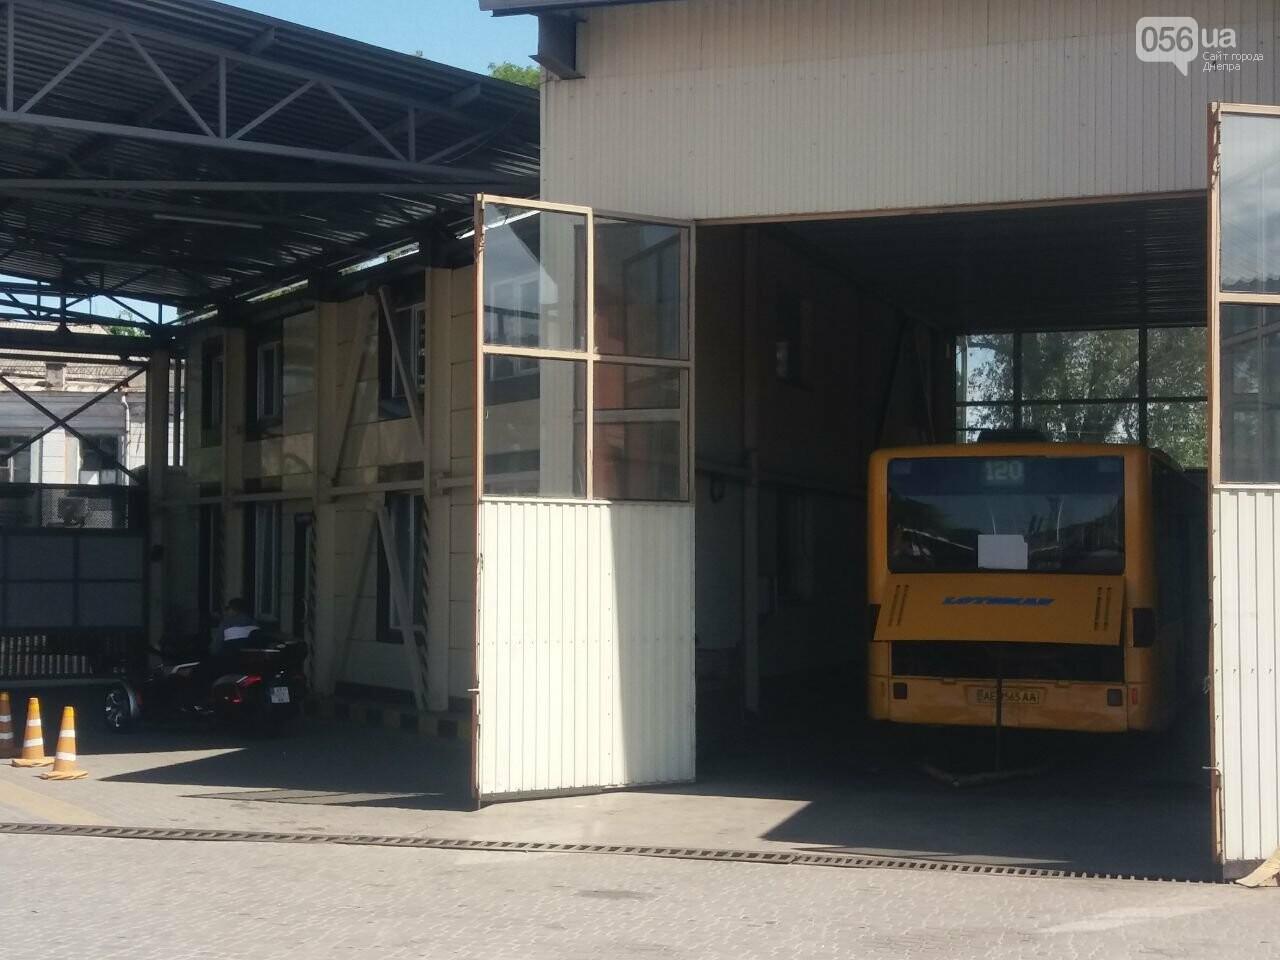 В Днепре обсудили тарифы в общественном транспорте, - ФОТО , фото-3